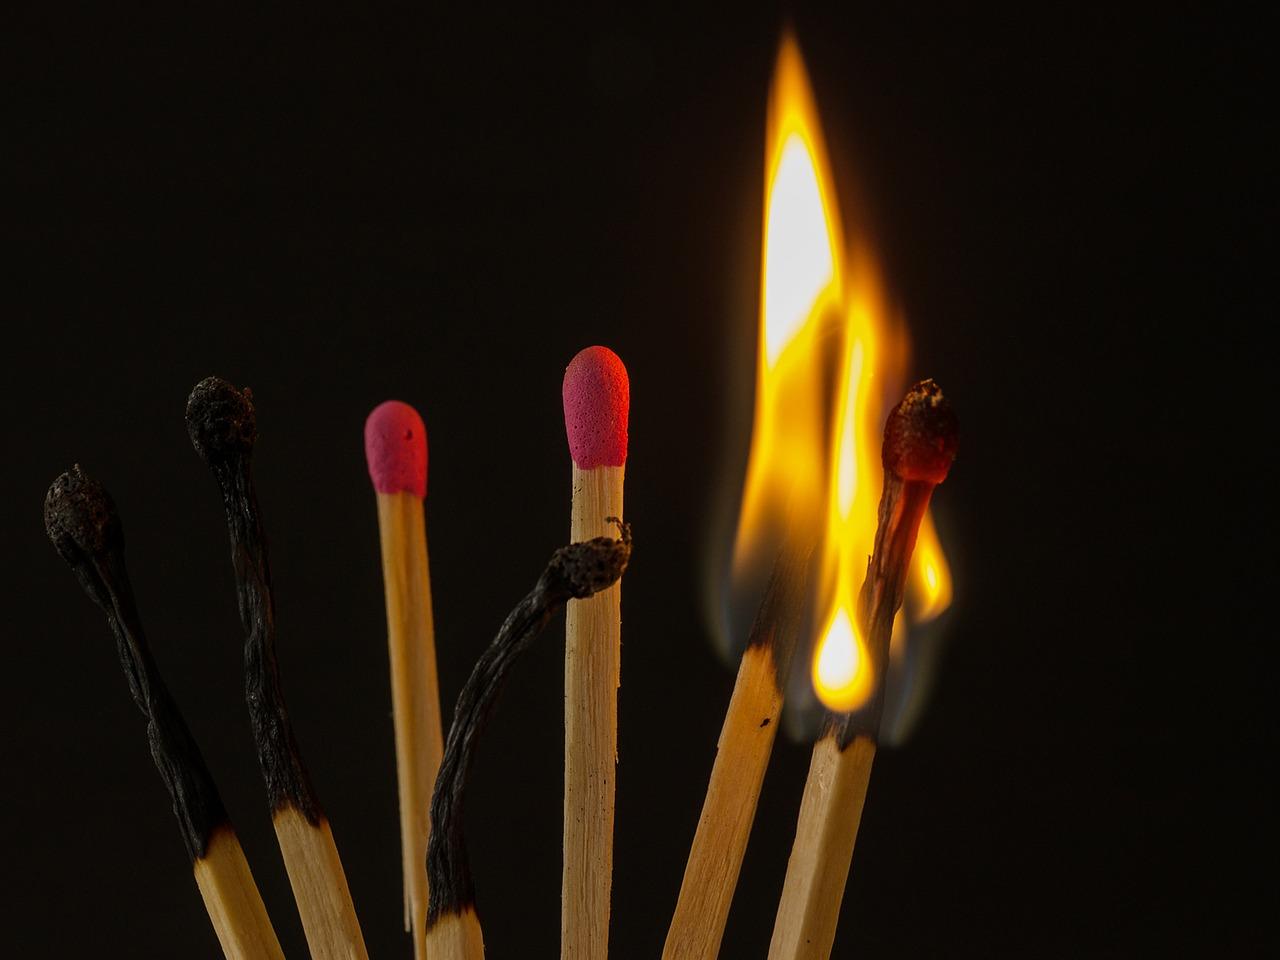 Een burn-out vergelijken met een opgebrande lucifer deugt niet